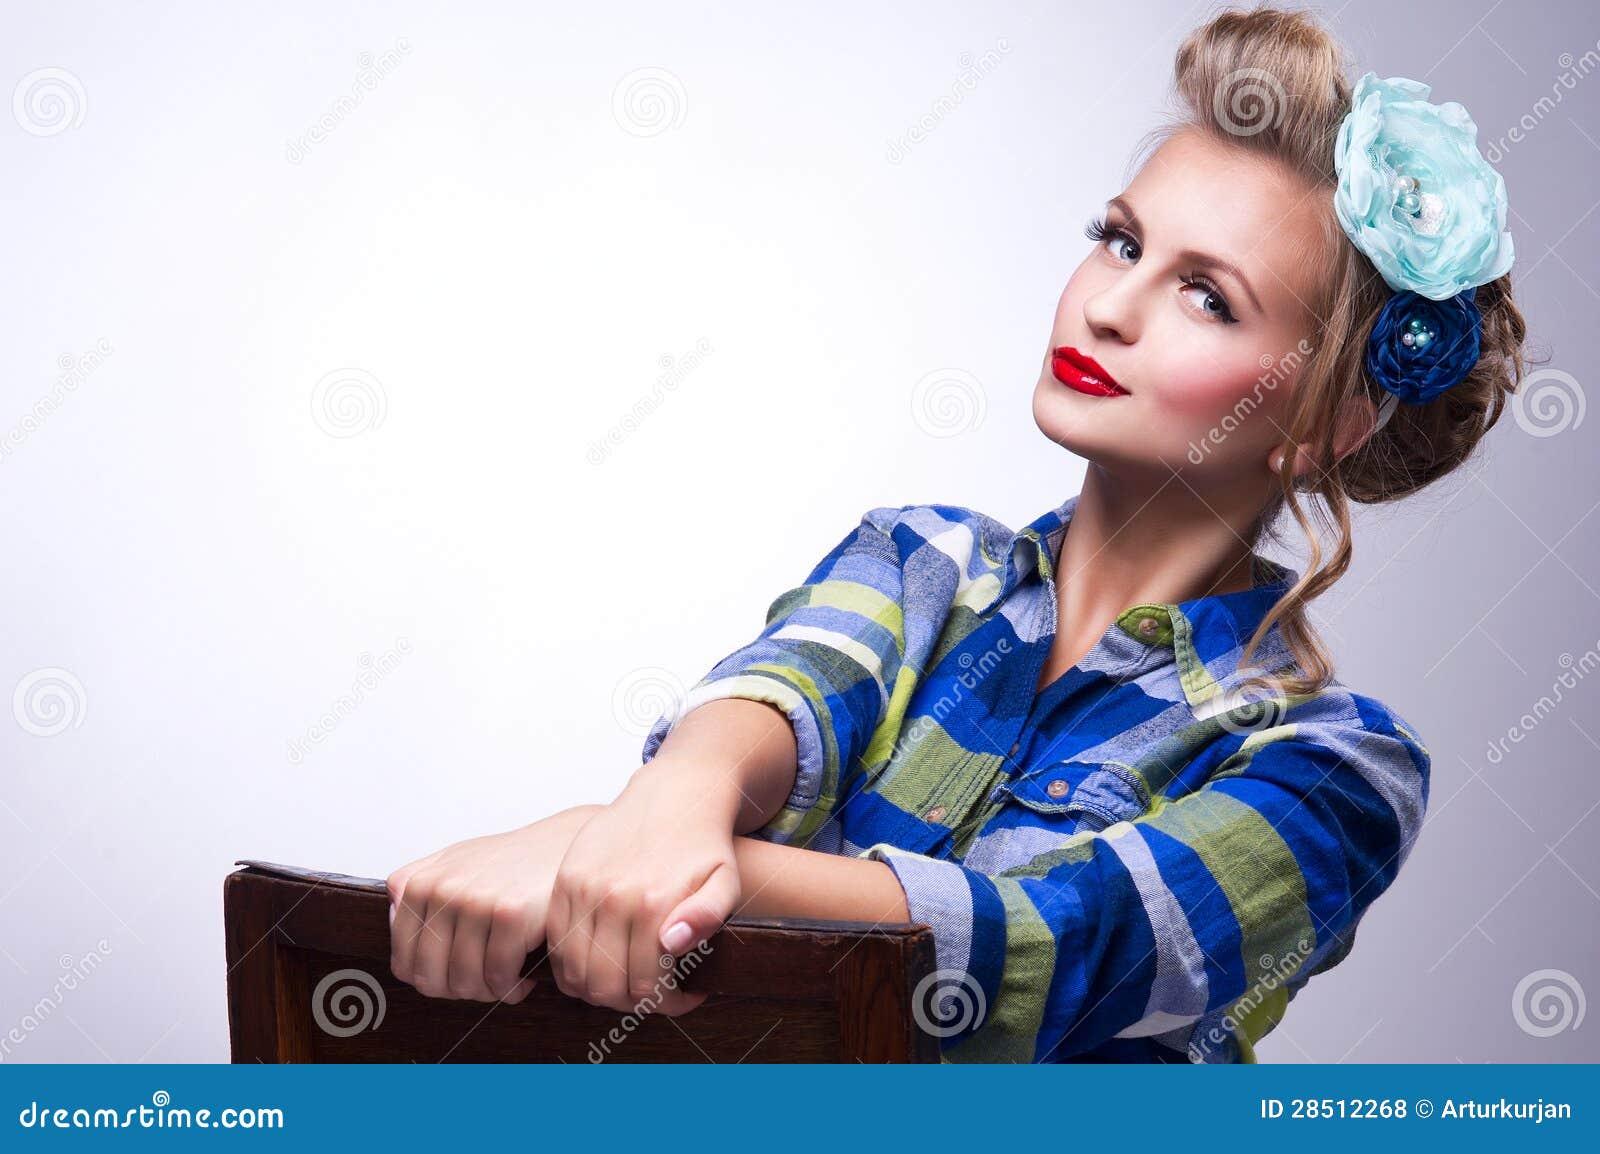 ac7b621a987 Όμορφη νέα γυναίκα με την καρφίτσα-επάνω σύνθεση και hairstyle την  τοποθέτηση